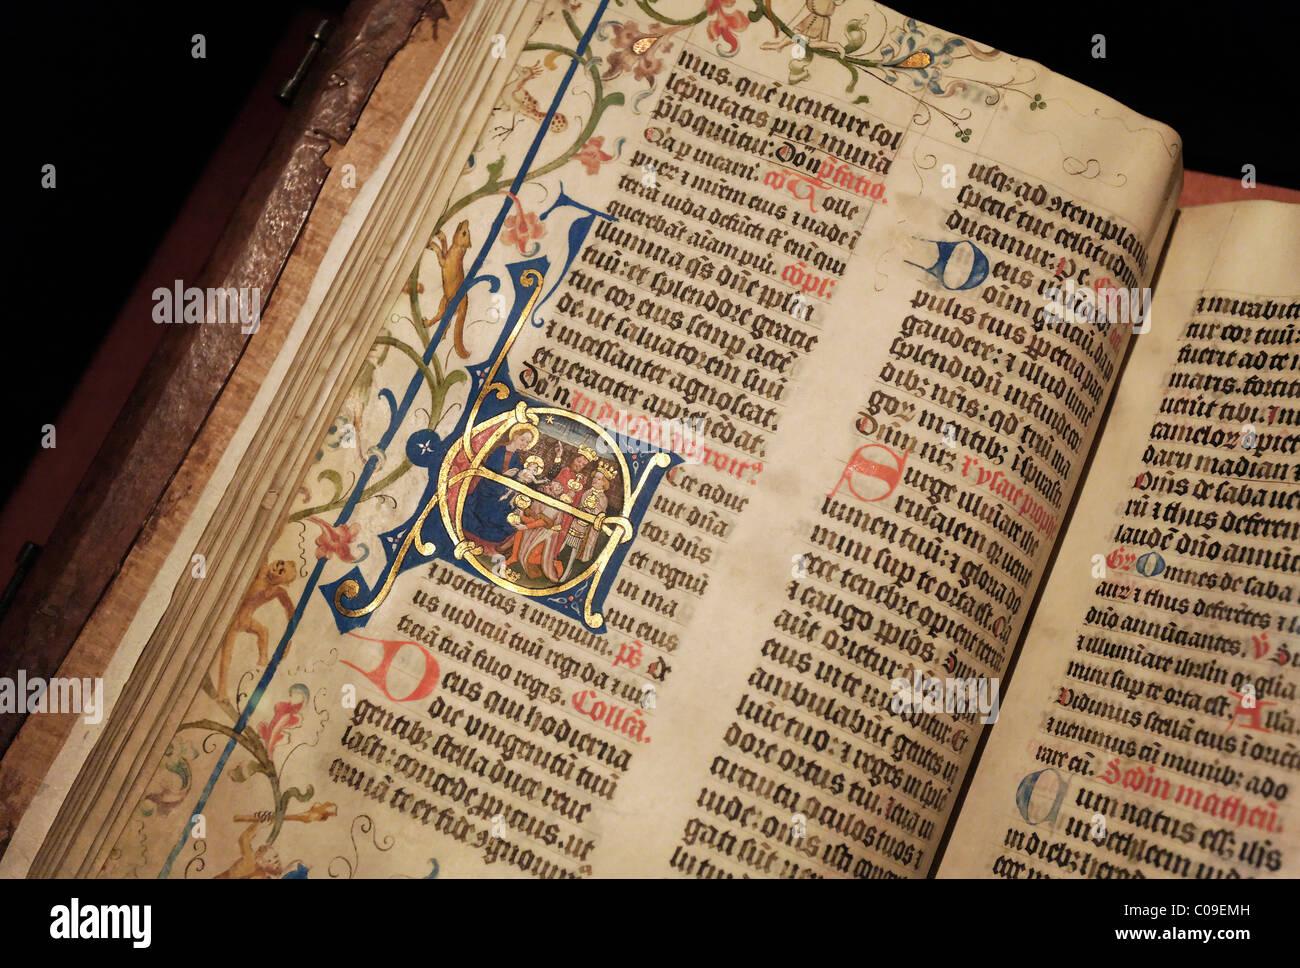 Messale manoscritta con luminarie artistiche, iniziale con i ...